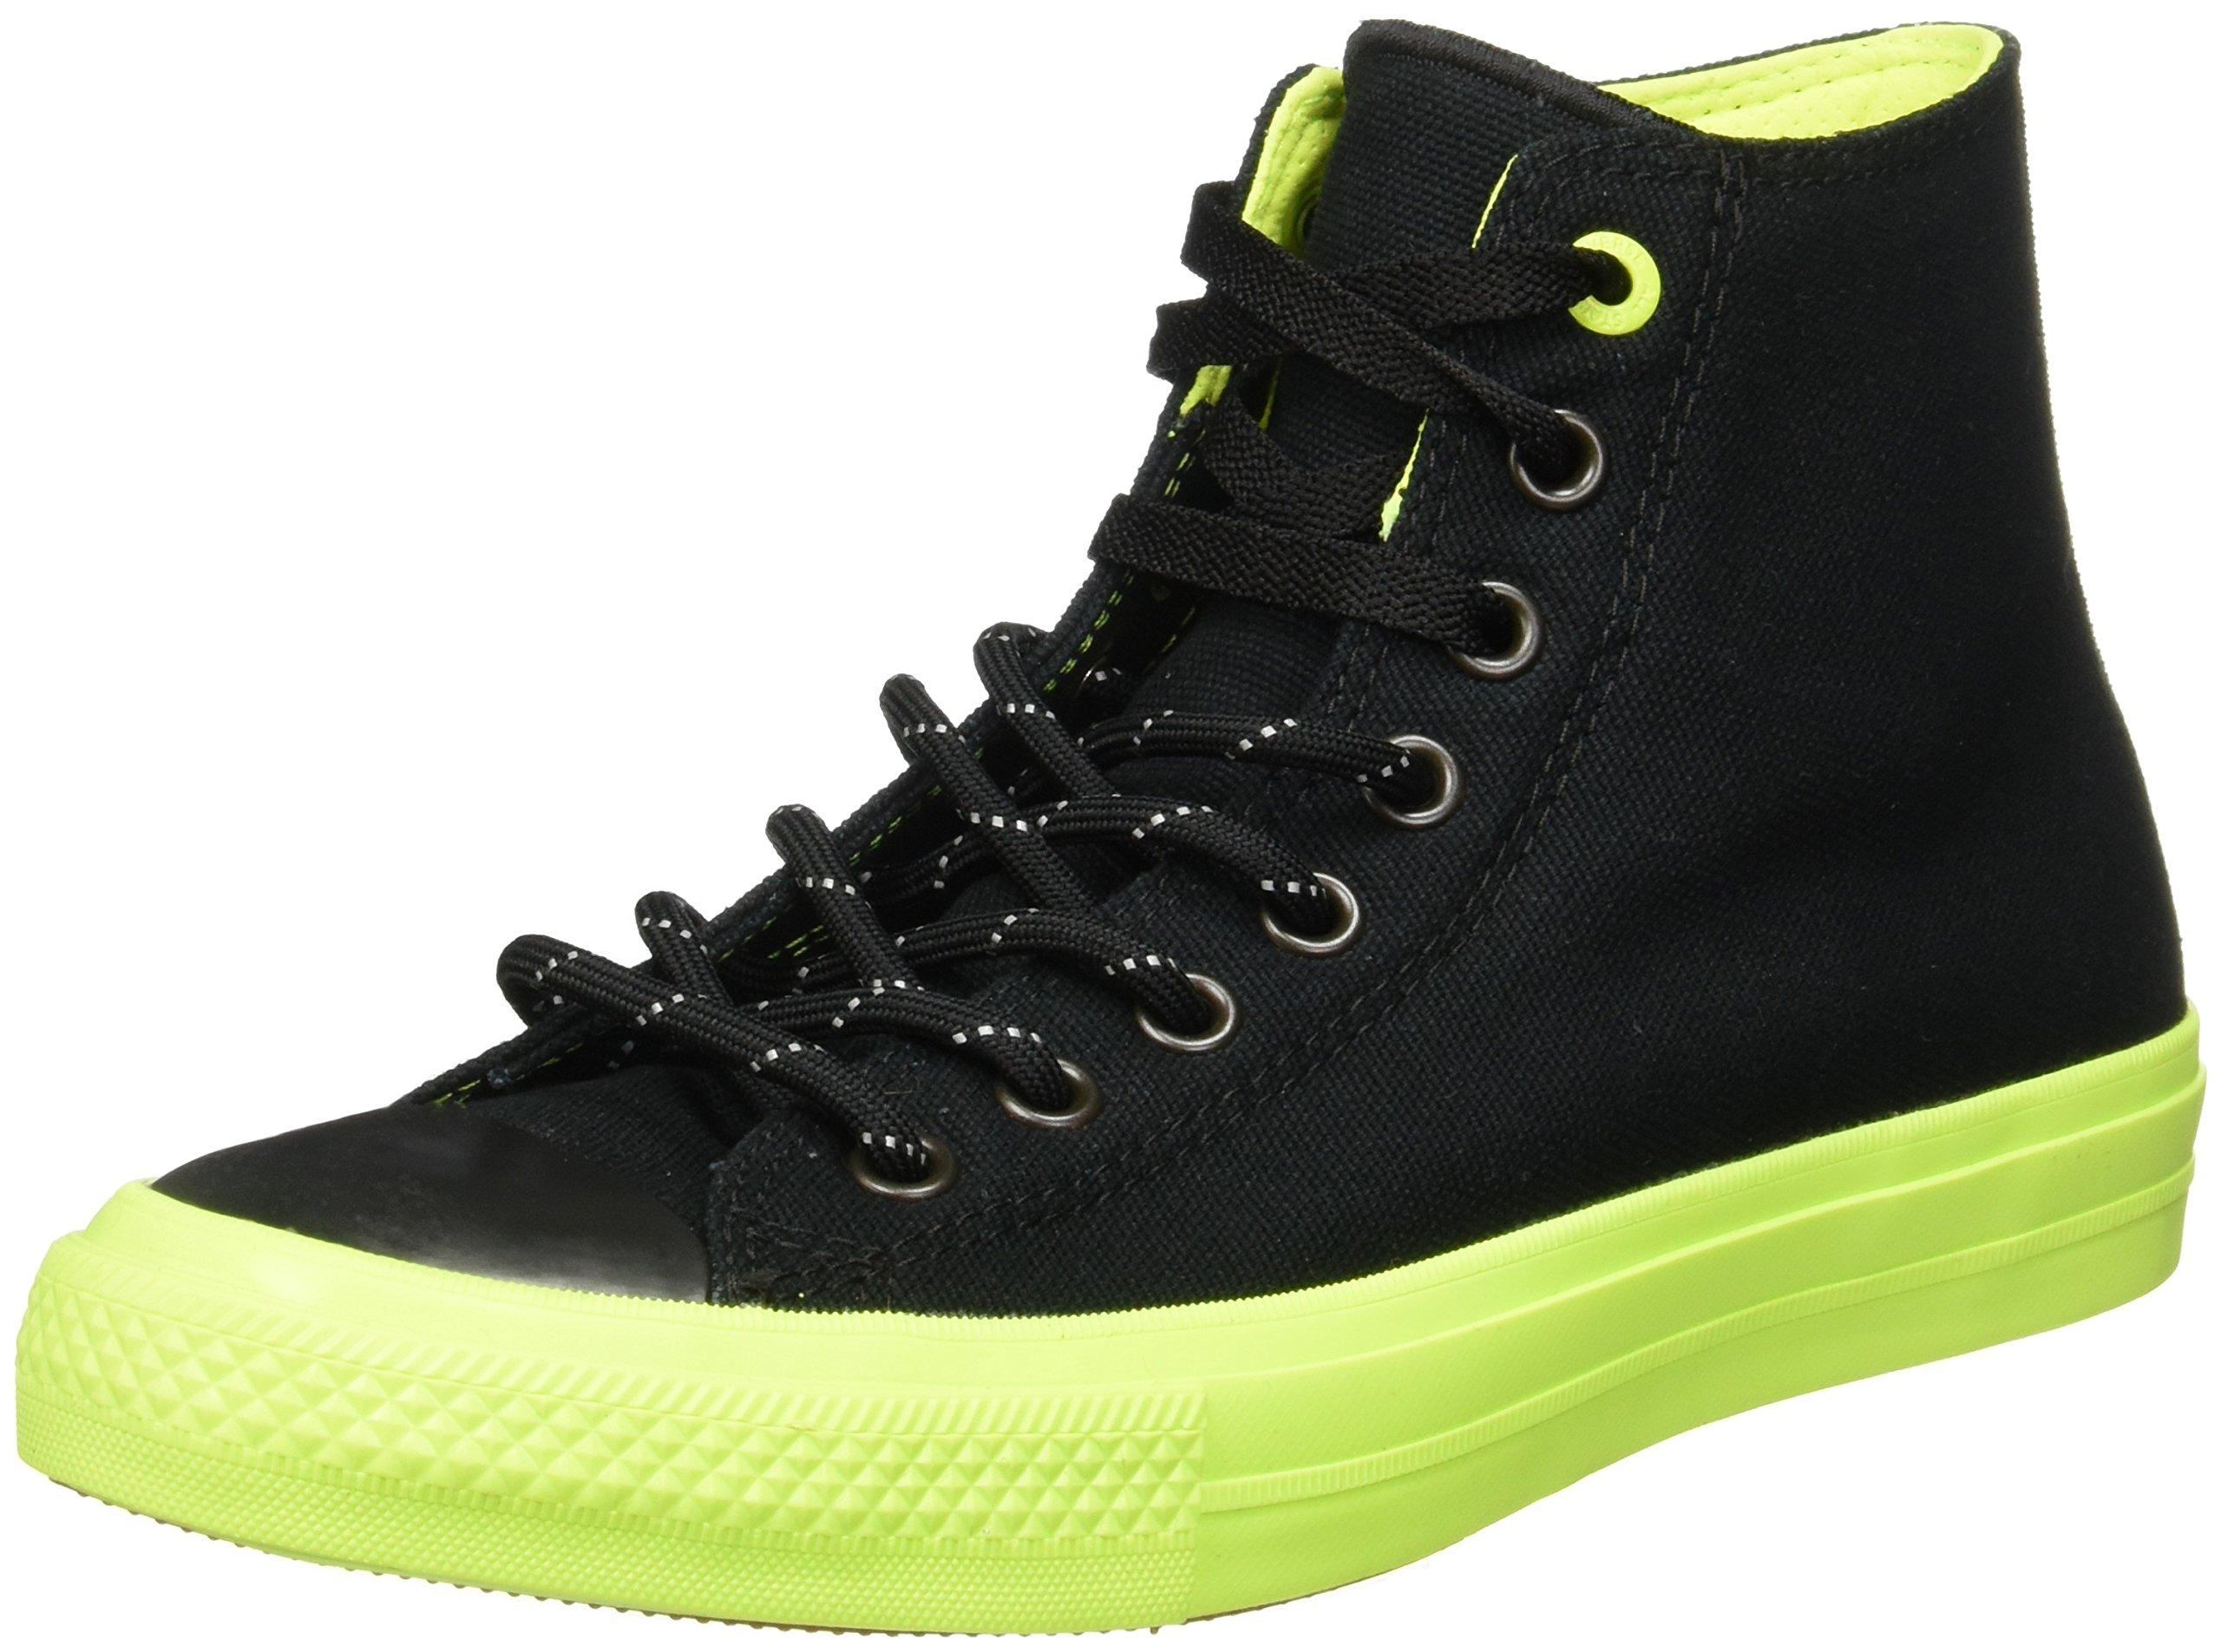 834ca44777b8 Galleon - Converse Chuck Taylor All Star II Shield Canvas Hi Black Volt Gum  Lace Up Casual Shoes 9 D(M) US Men Black Volt Gum